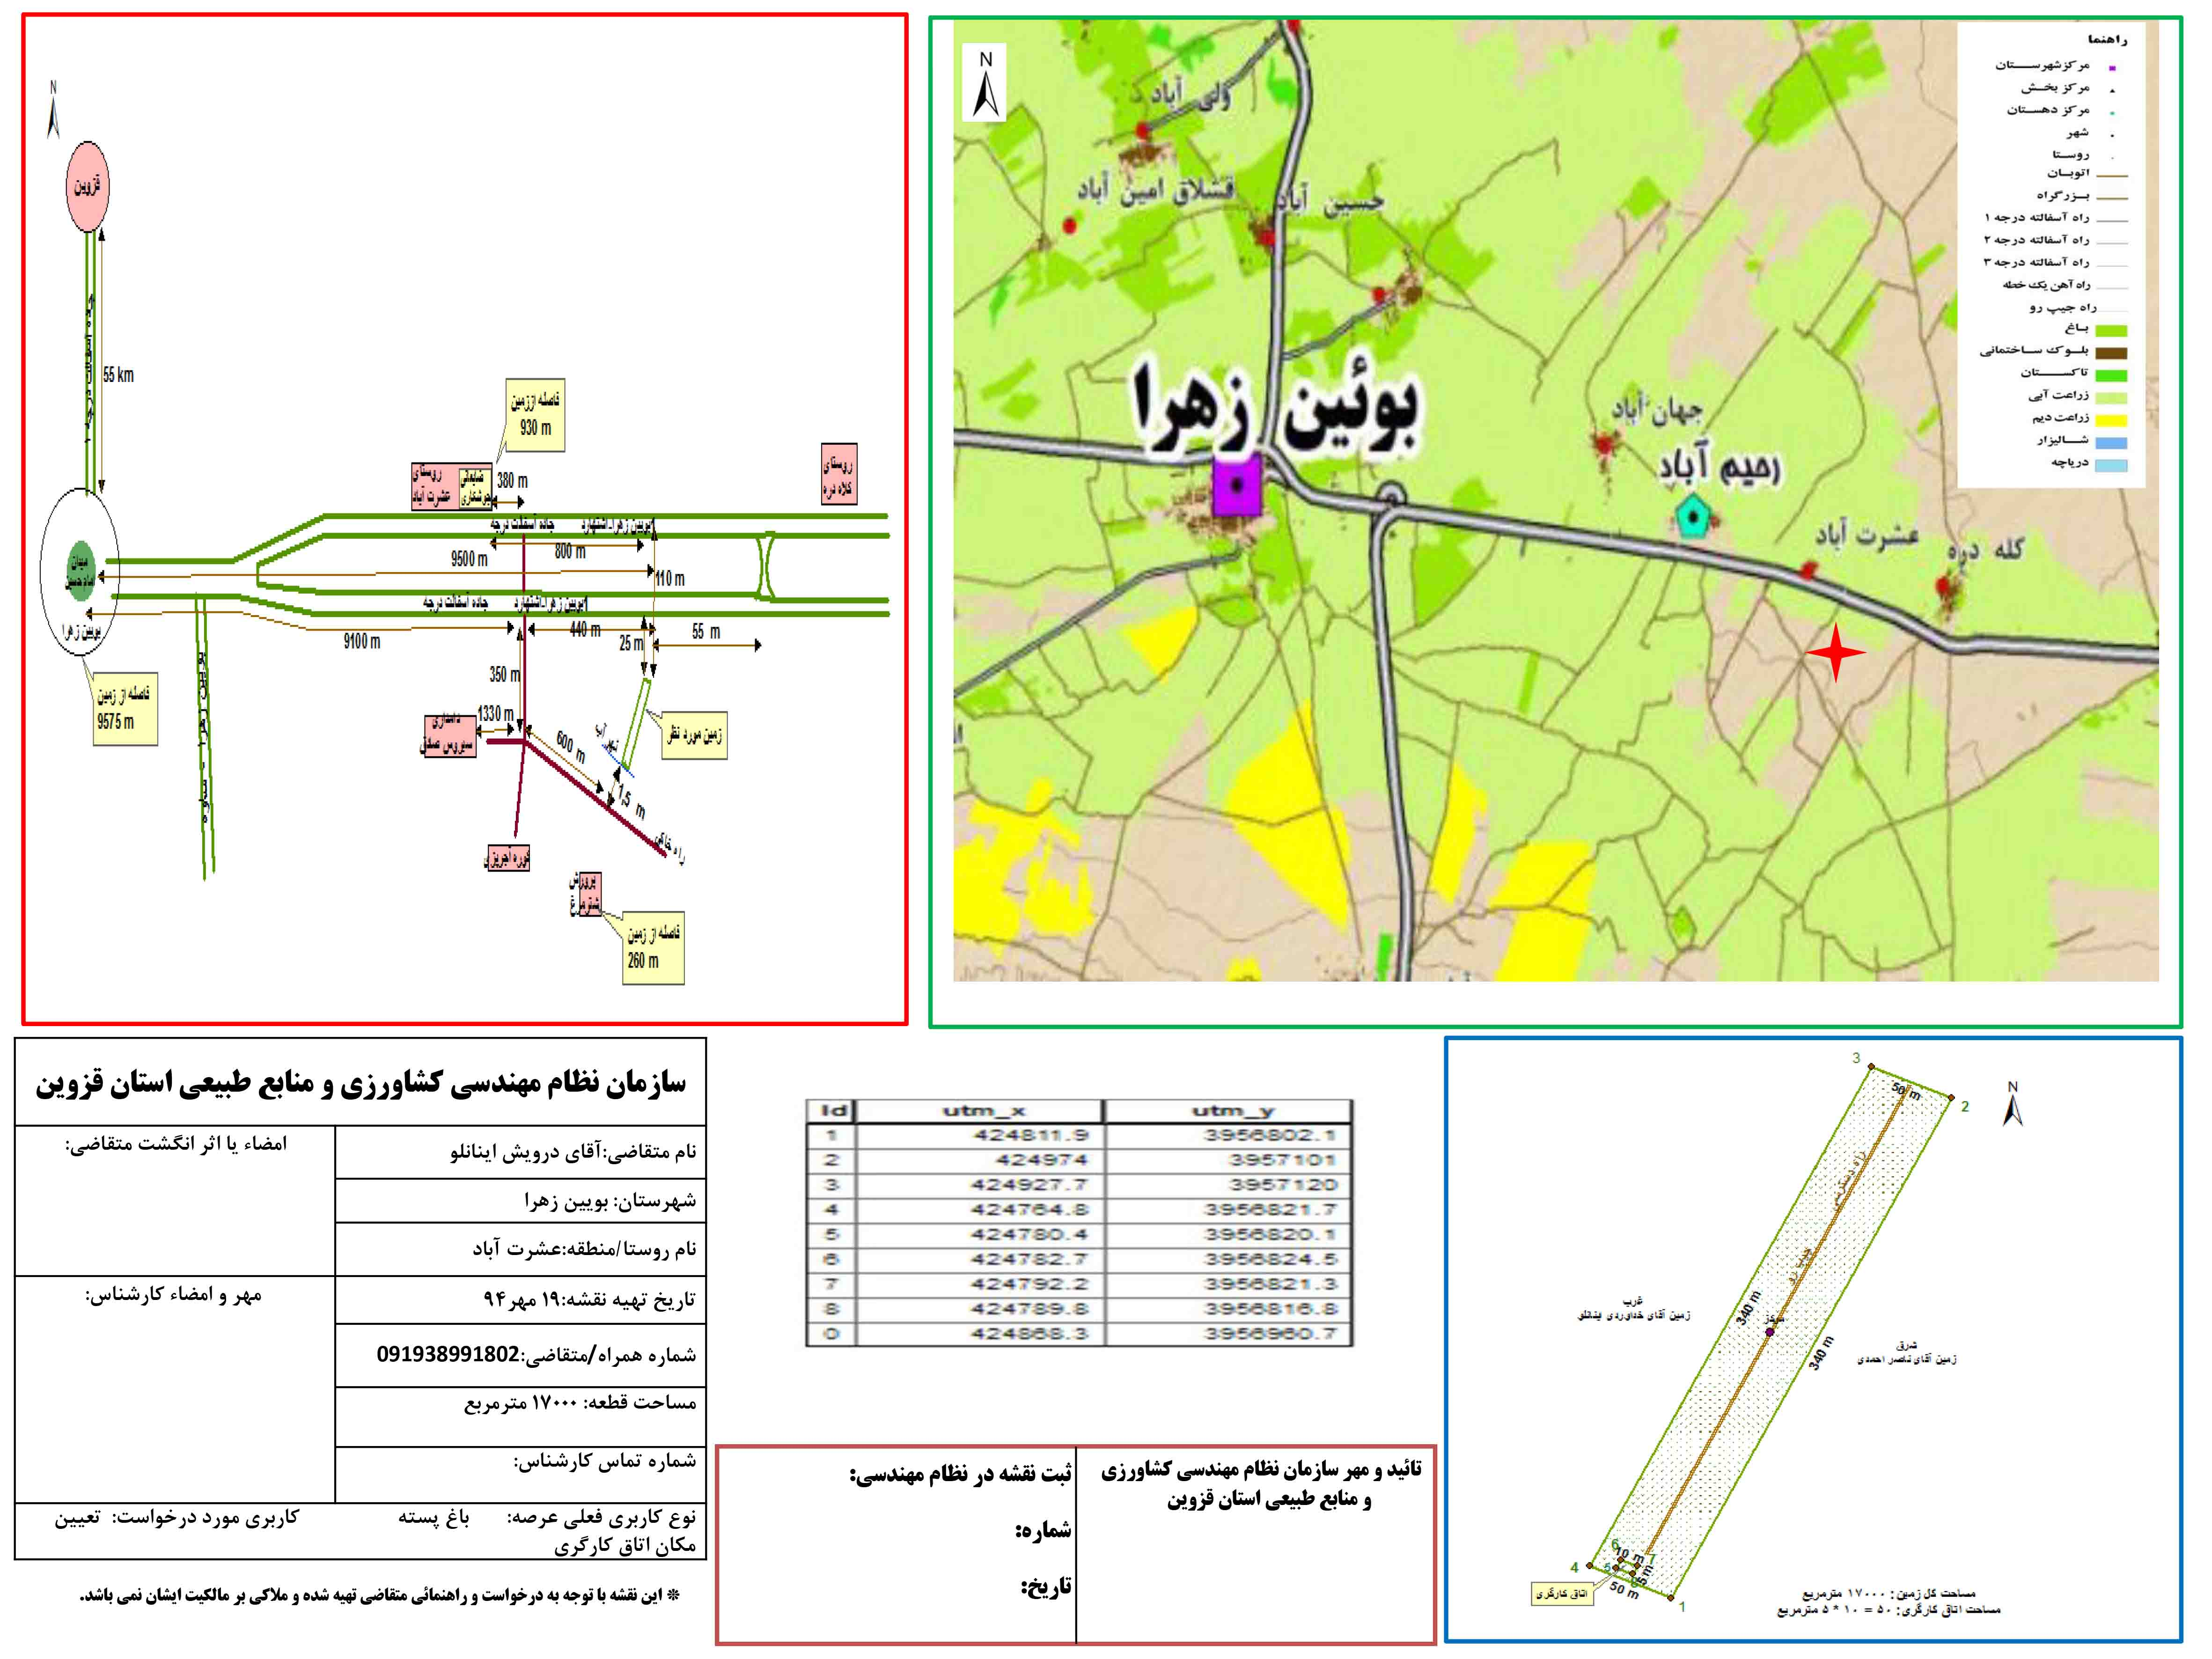 نمونه نقشه